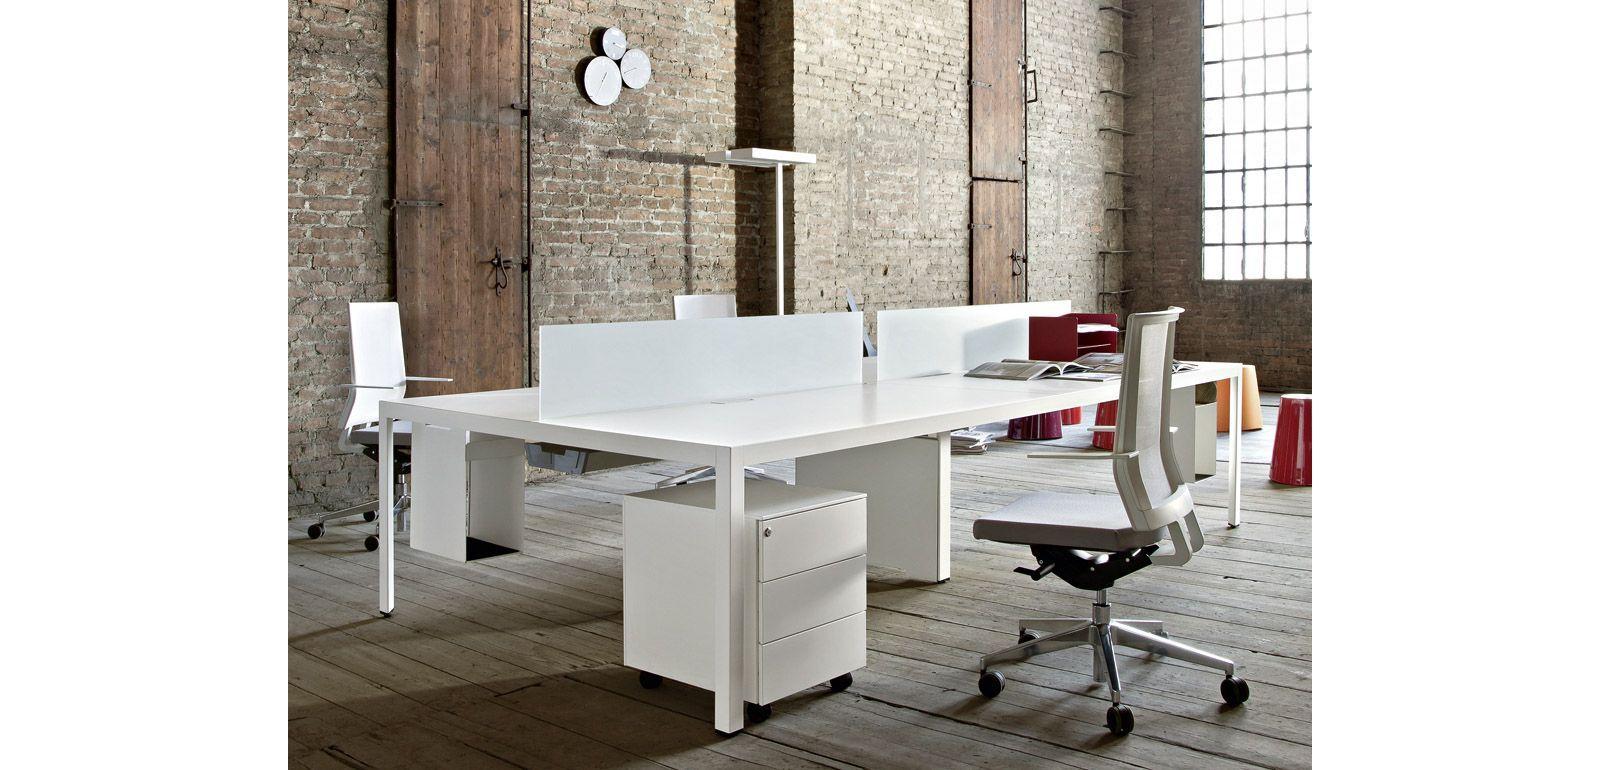 Mobilier De Bureau Design Pour Professionnel Paris Lyon France Si Decoration Bureau Bureau Design Mobilier De Salon